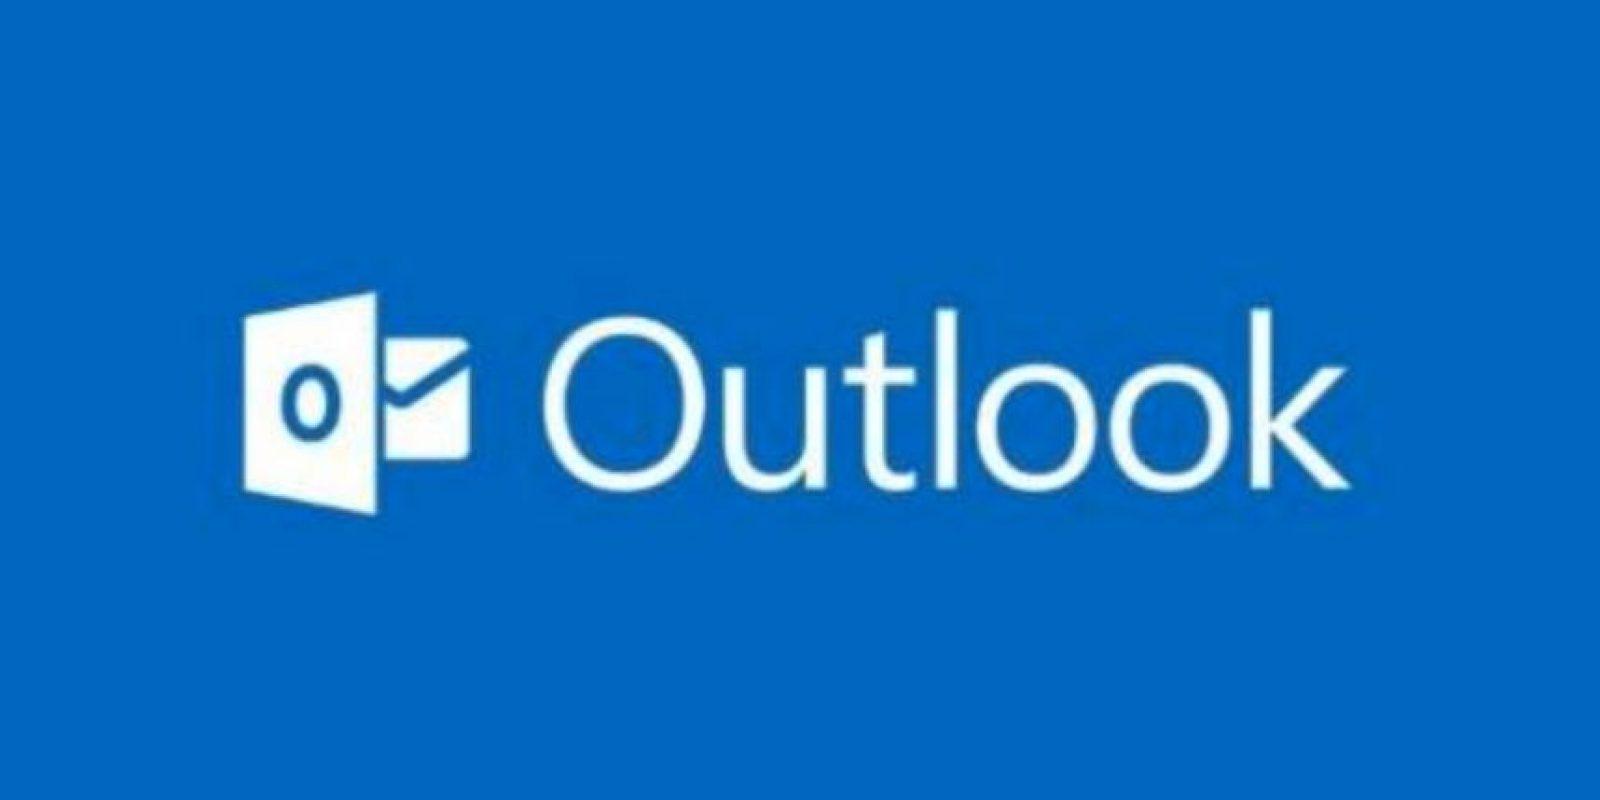 Microsoft ha tenido tres nombre para su servicio de email: MSN, Hotmail y ahora Outlook Foto:Microsoft